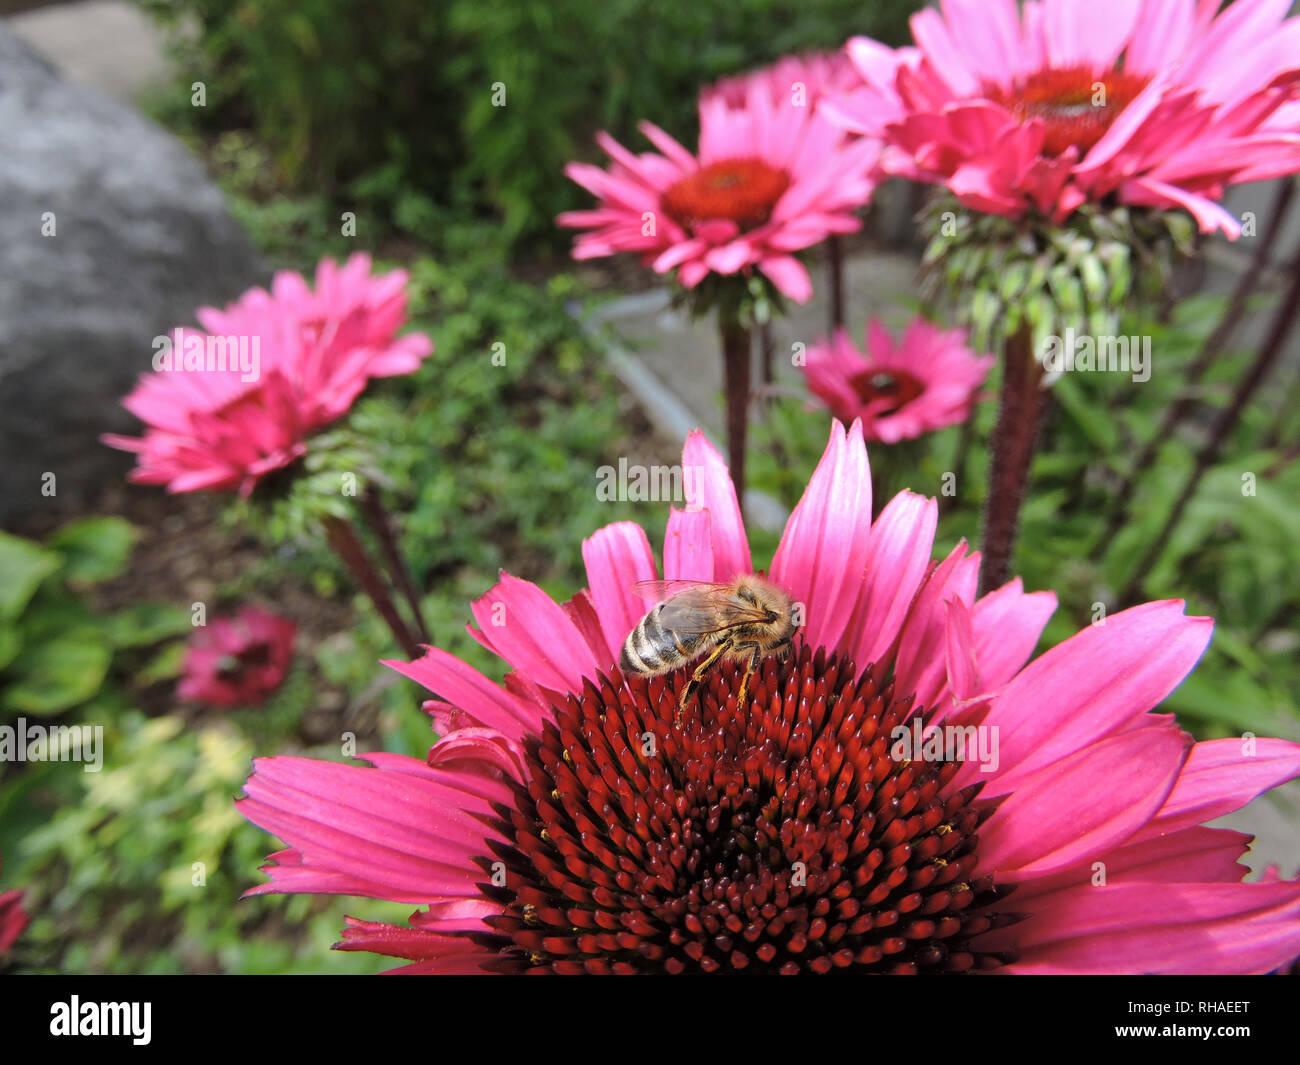 Purpur-Sonnenhut (Echinacea purpurea), Knospe mit Biene (Honigbiene, Apis mellifera) - Stock Image